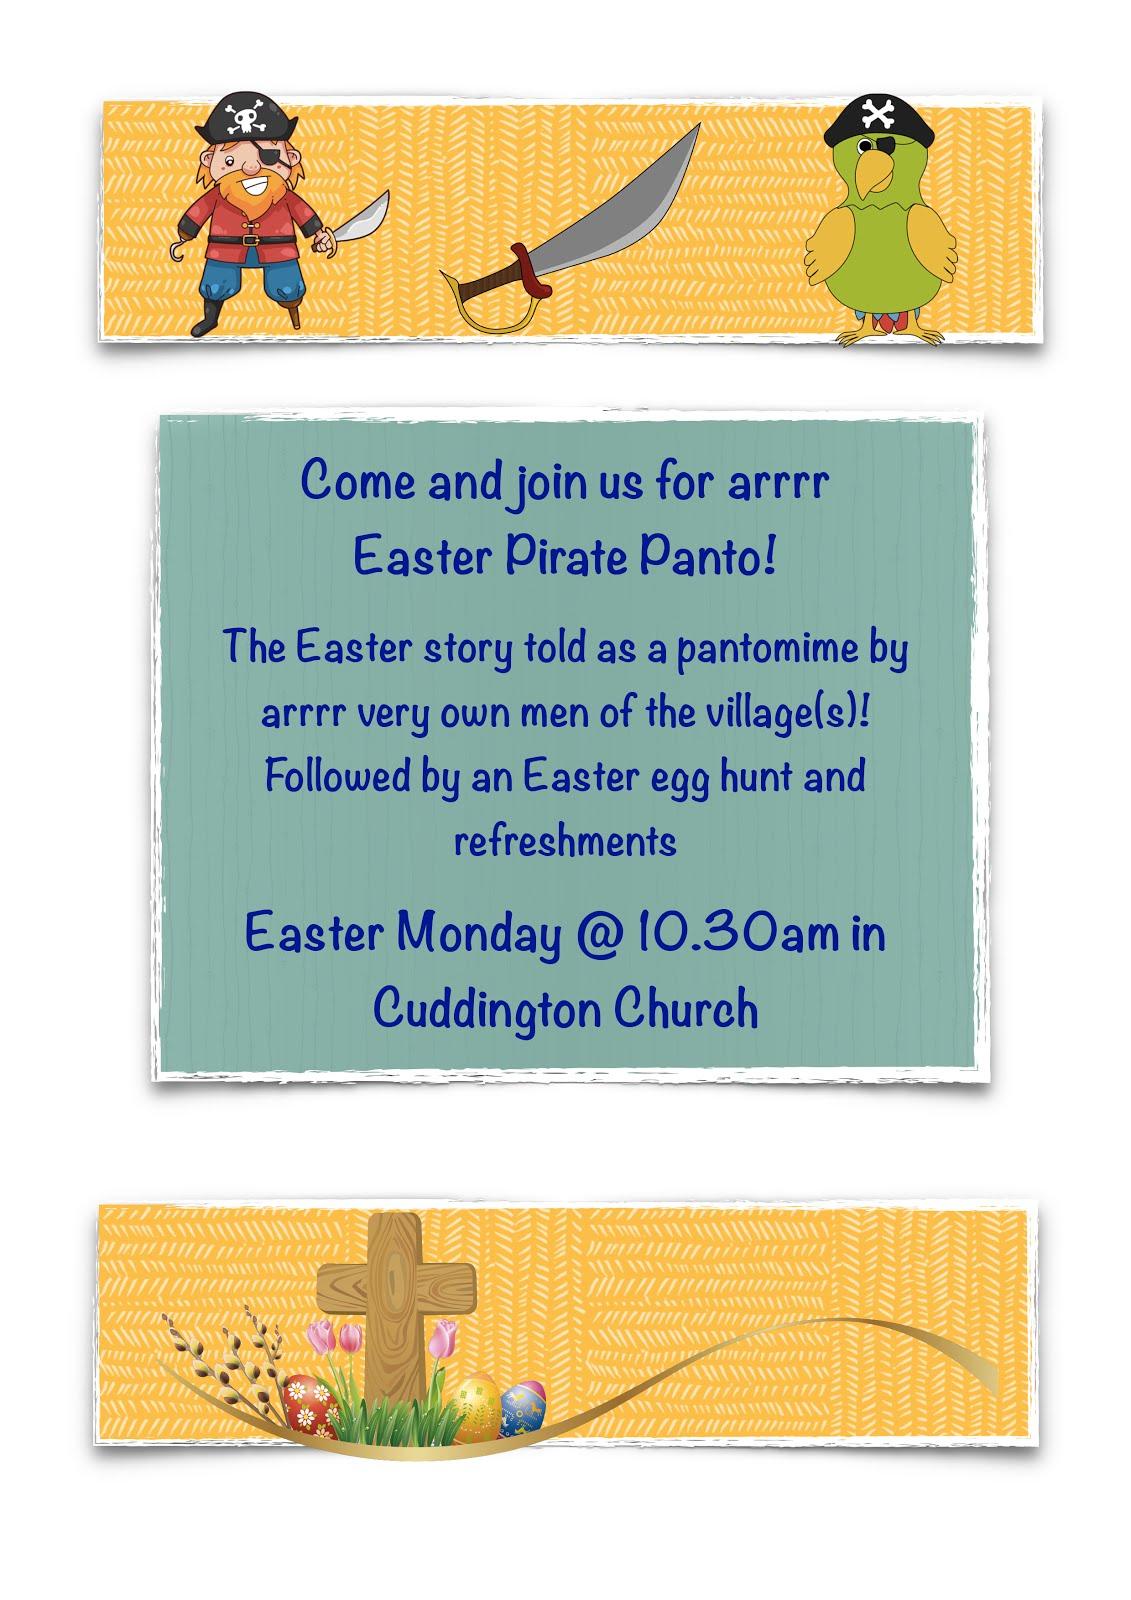 Easter Panto